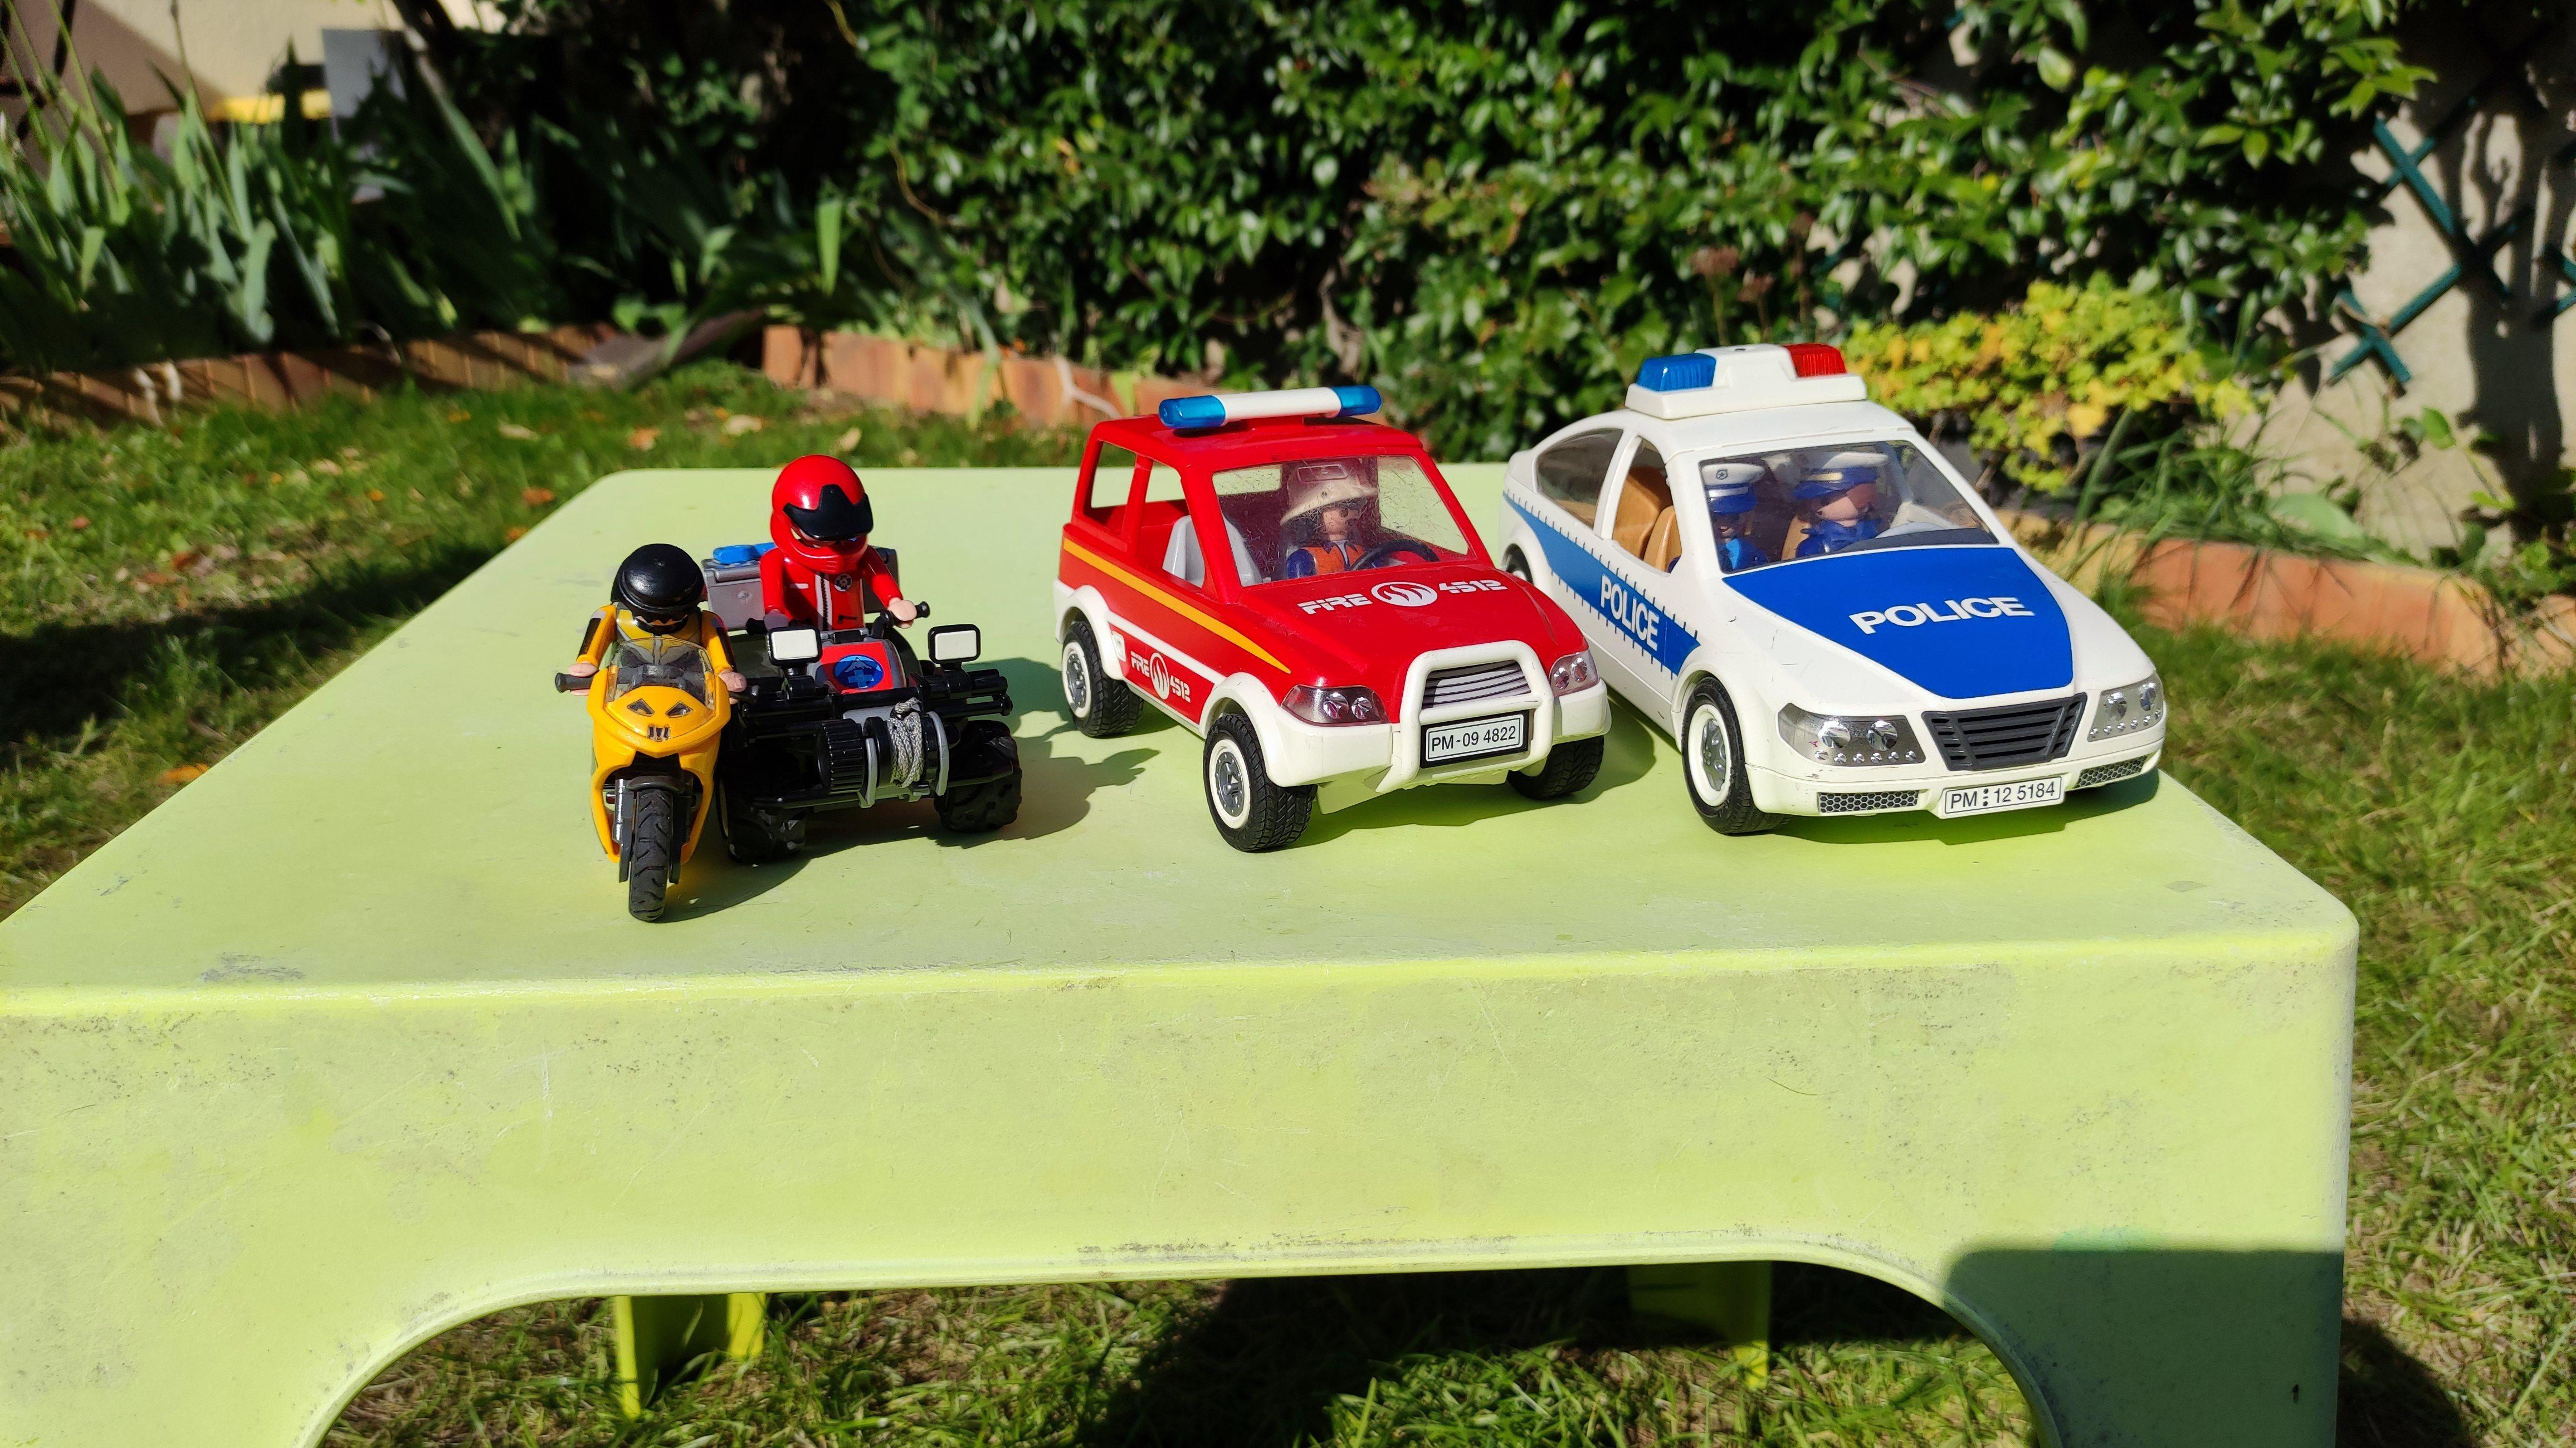 Vends lot de véhicules de secours Playmobil